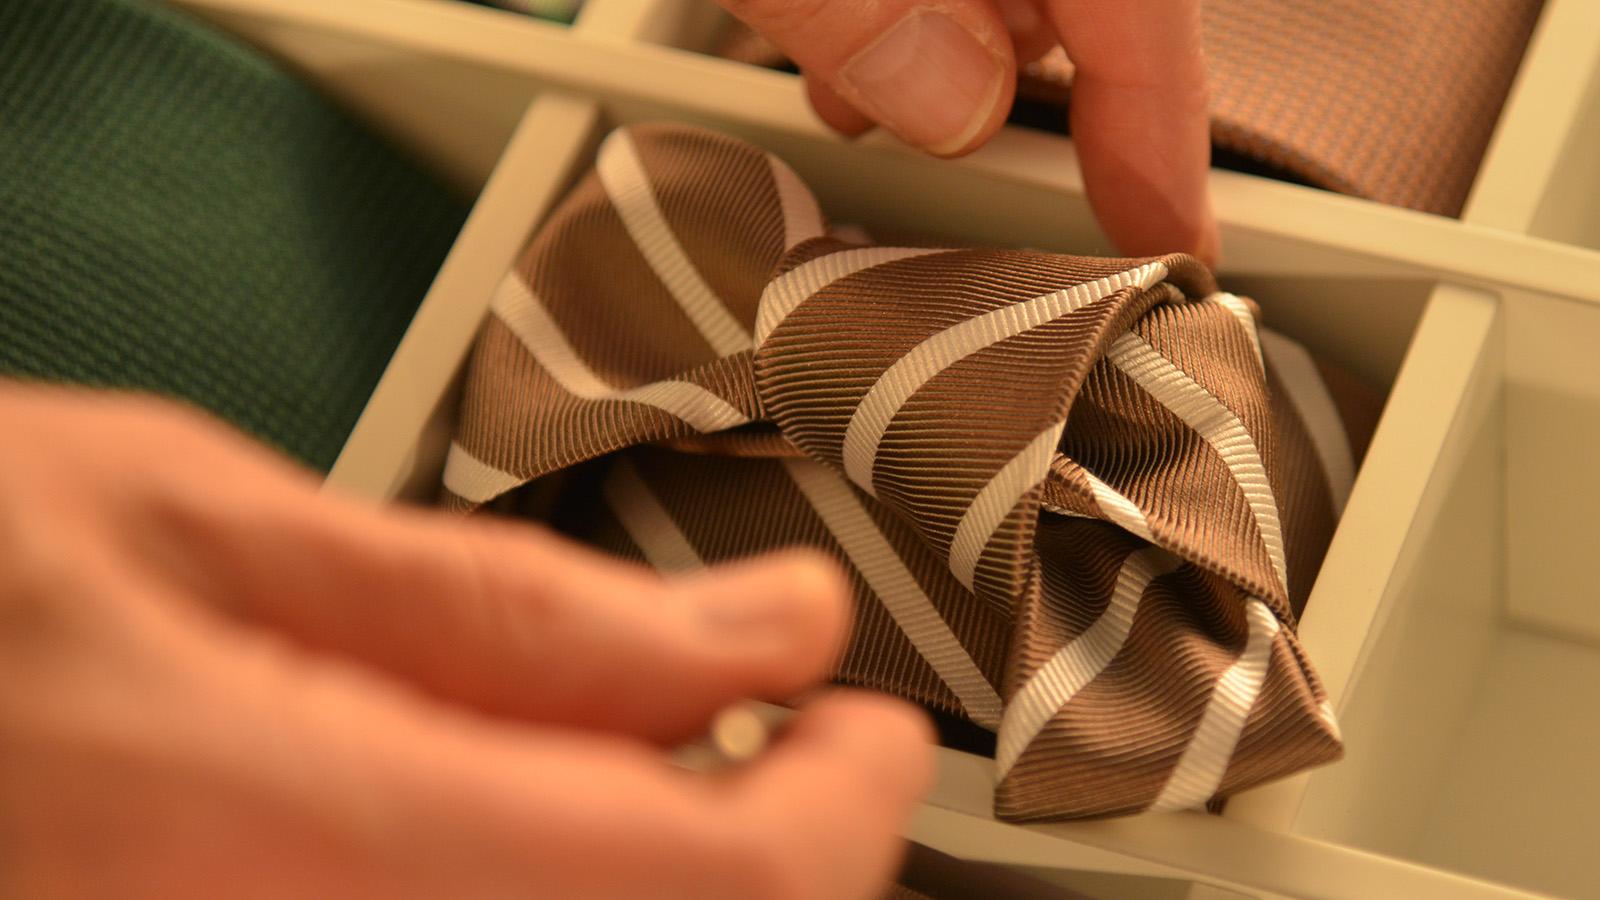 Krawattenstyling